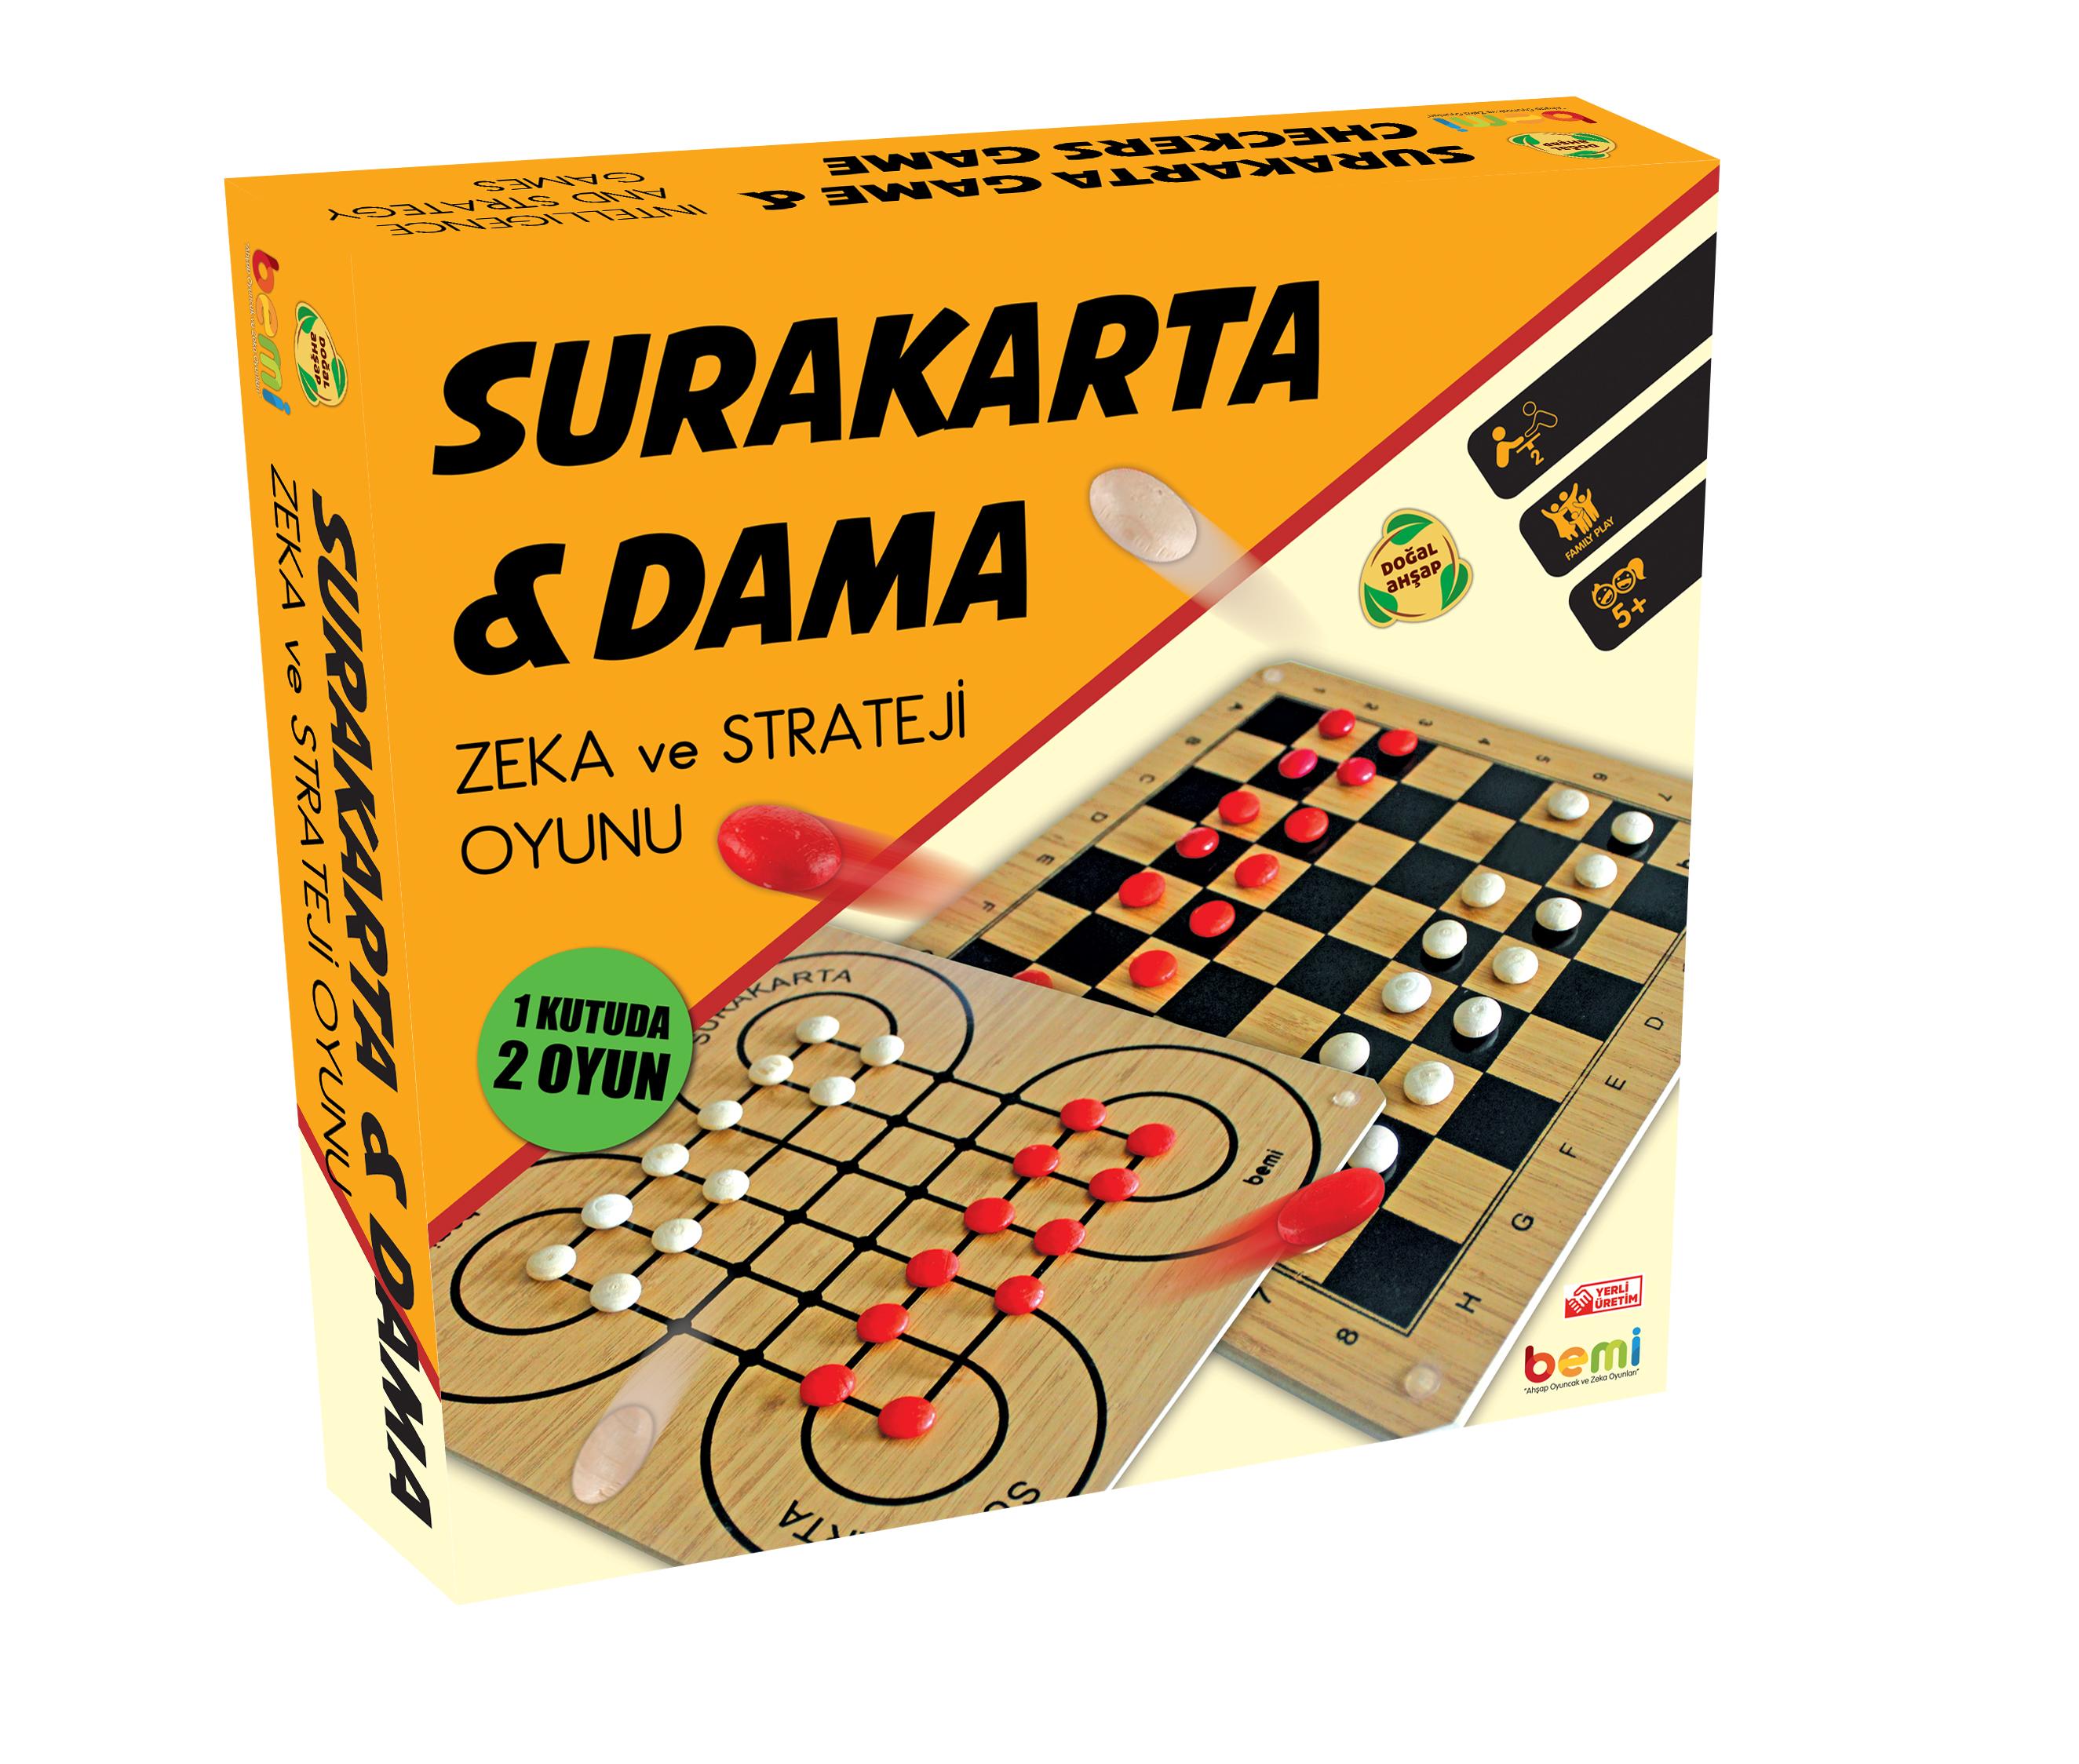 Surakarta & Dama Wooden Table